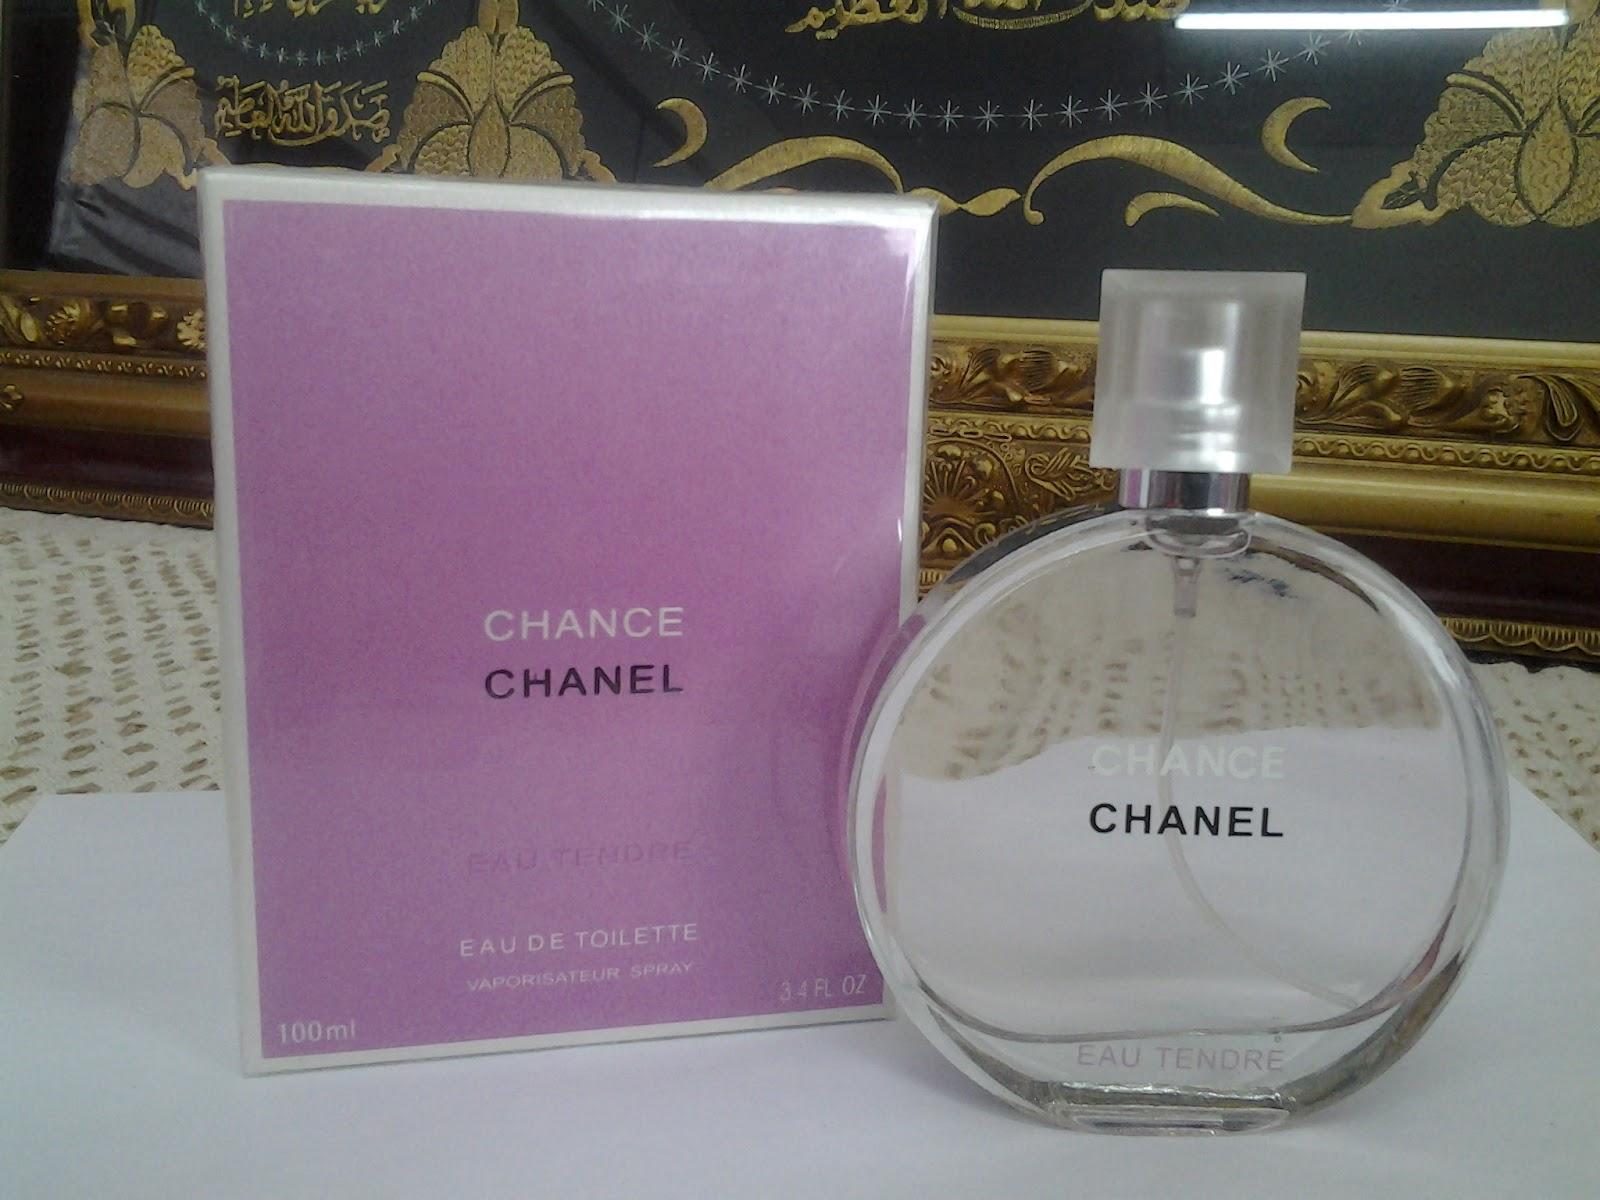 http://1.bp.blogspot.com/-HGYQi2IyjBE/UCxXlWs5tVI/AAAAAAAAAiQ/4_o6NHyopYQ/s1600/CNL-11+-+CHANEL+CHANCE+TENDRE.jpg